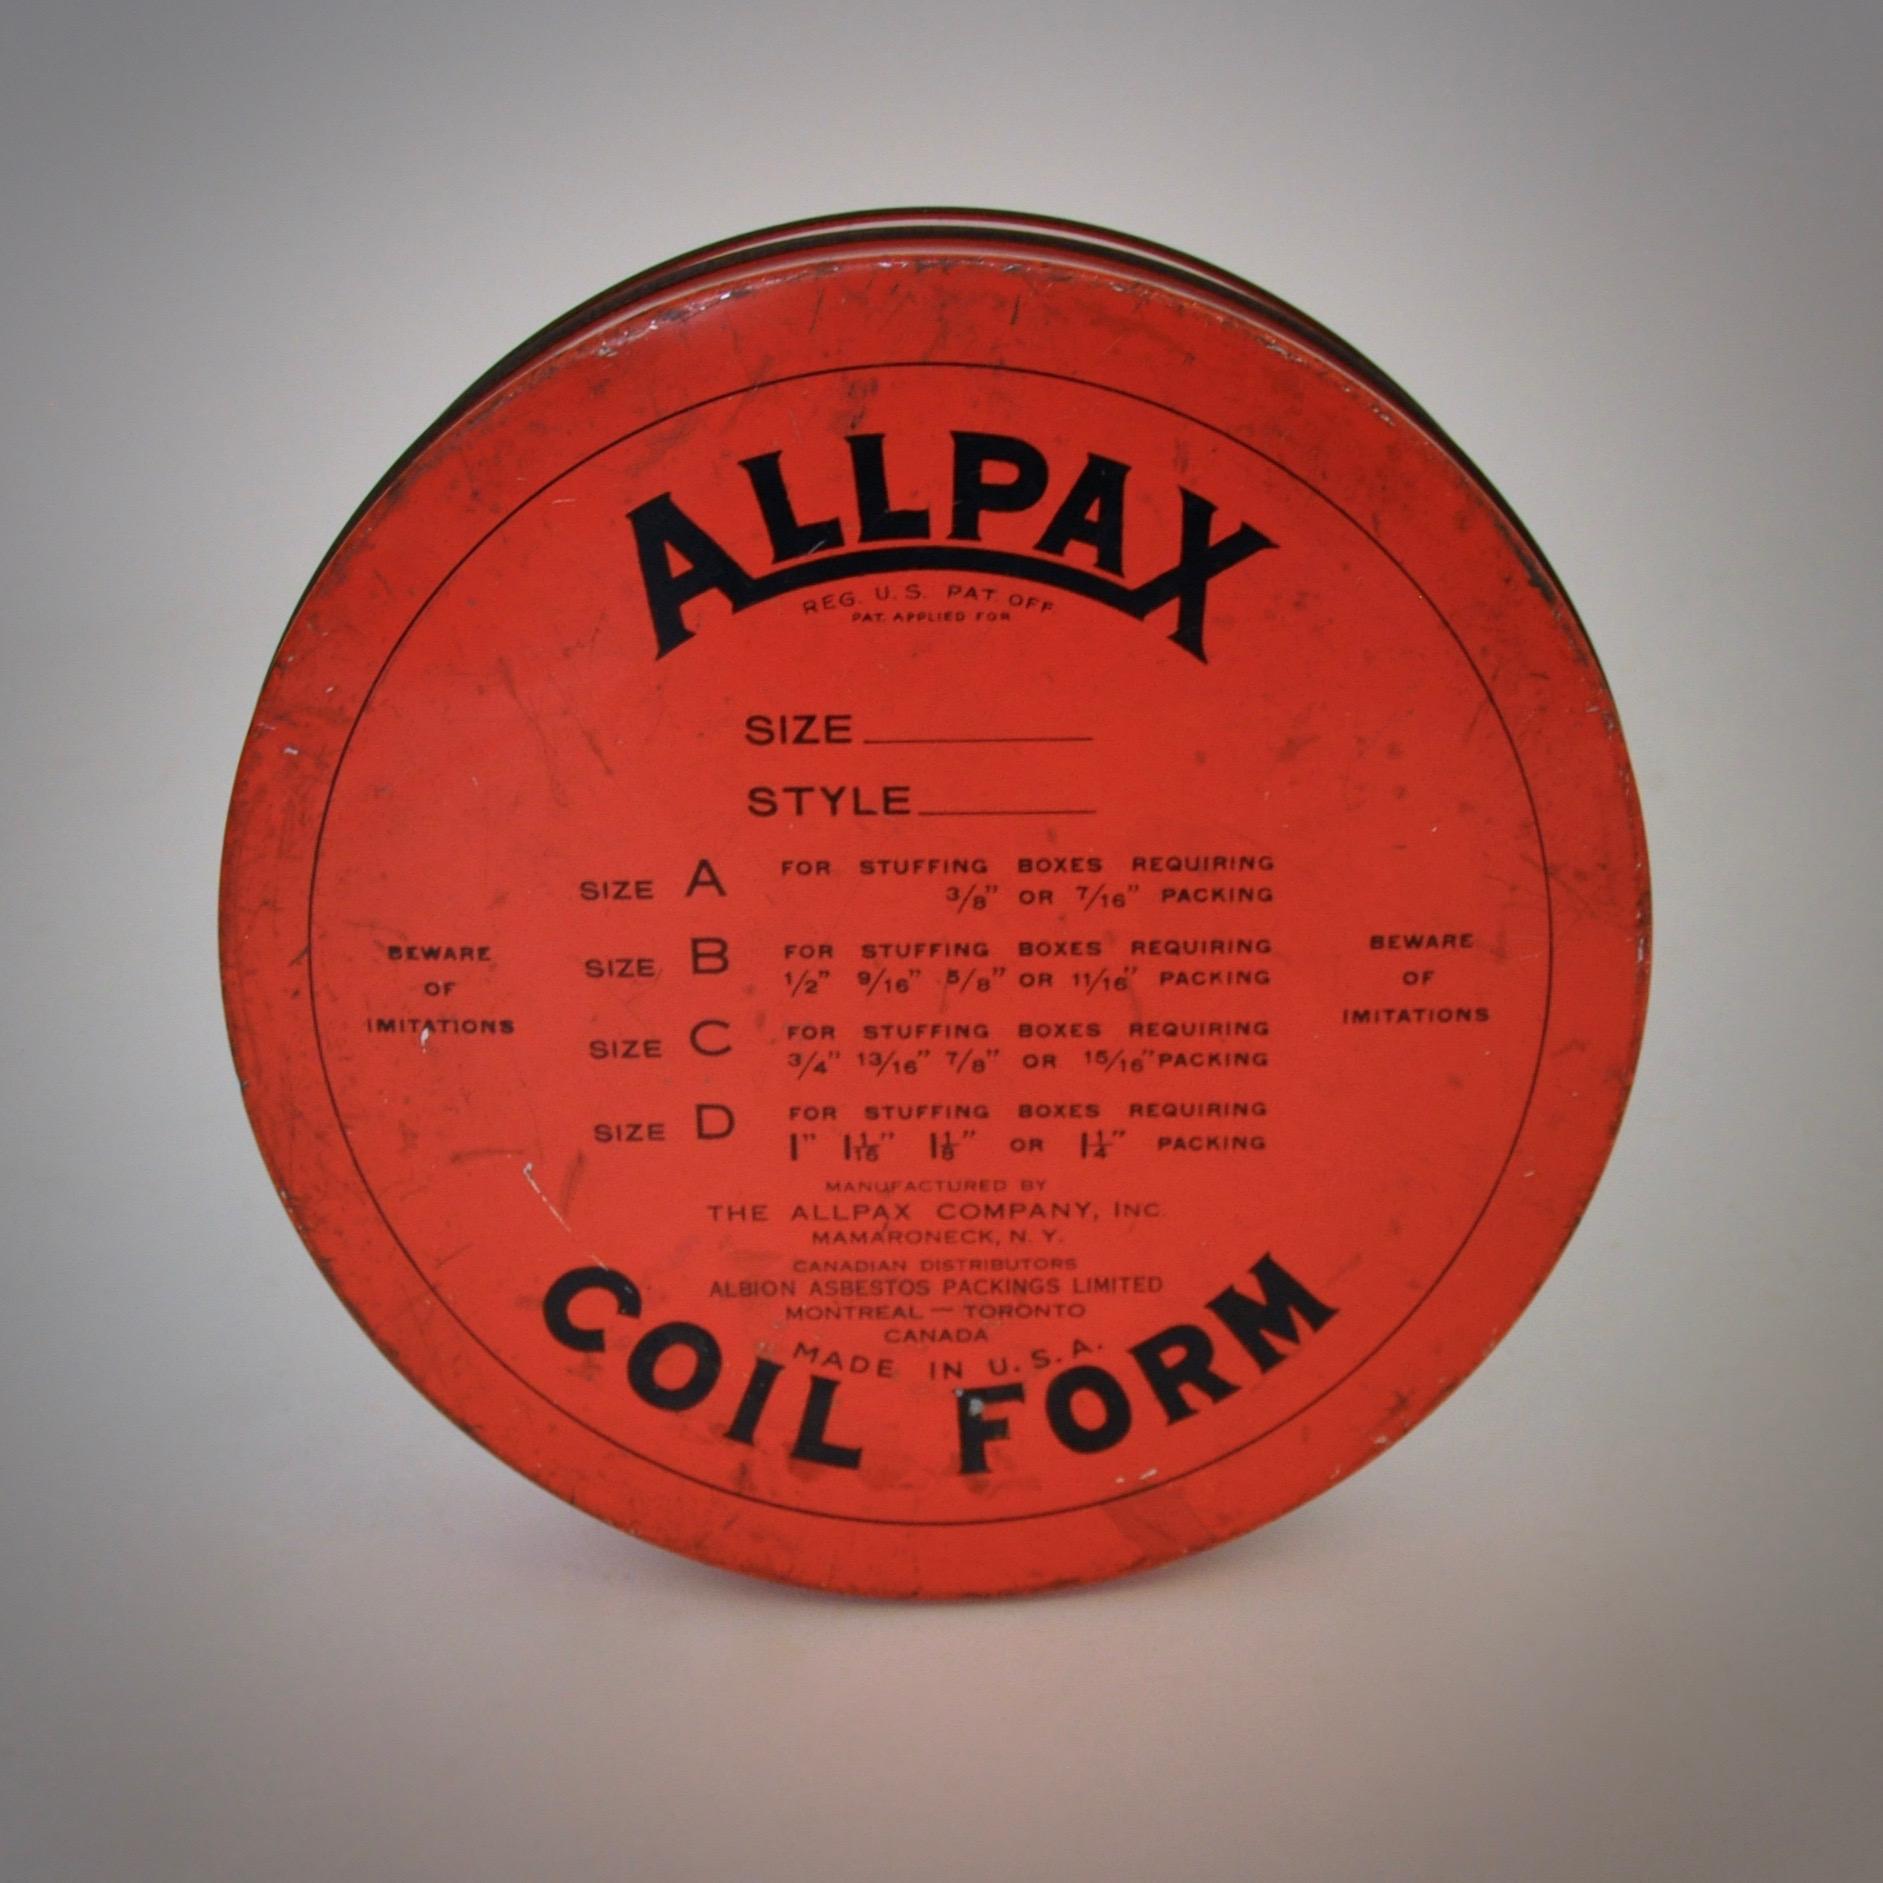 Allpax Coil Form Filmblik